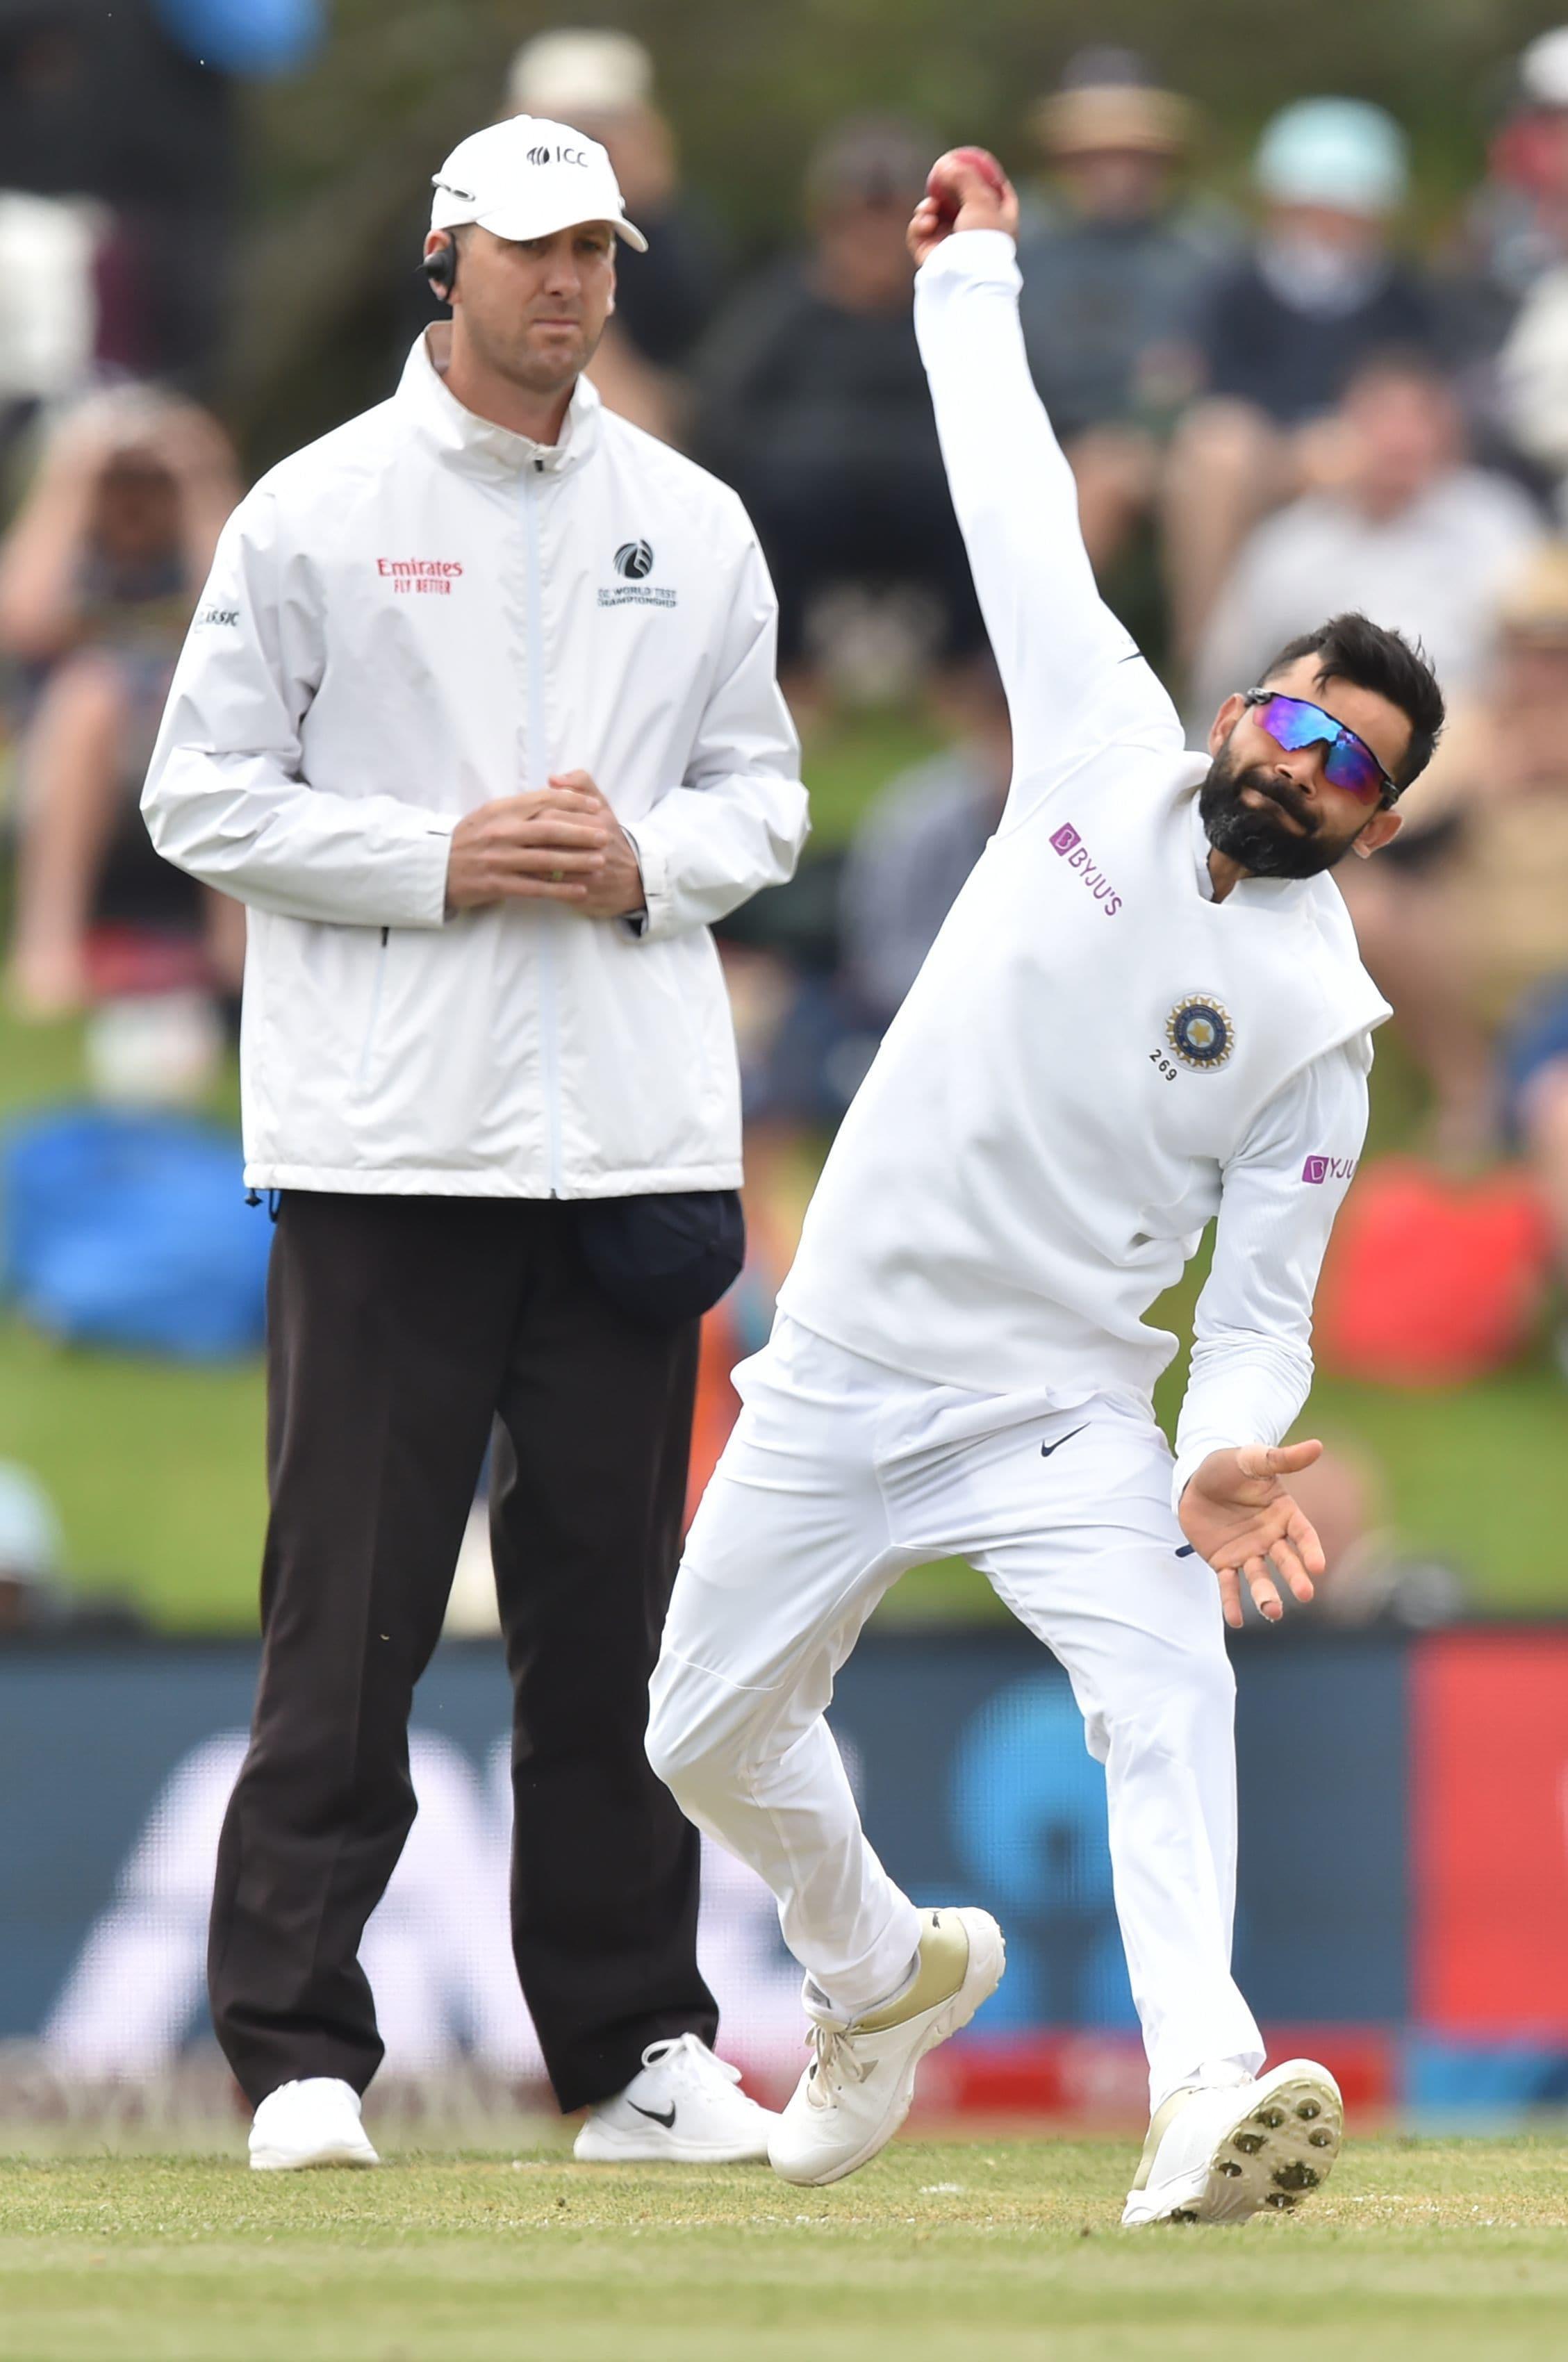 ২০১৬ সালের অক্টোবর মাস থেকে টেস্ট ক্রিকেটে শীর্ষস্থান ধরে রেখেছিল টিম ইন্ডিয়া। আইসিসির টেস্ট ব়্যাঙ্কিং তালিকায় প্রথম থেকে তৃতীয়স্থানে নেমে এল ভারত।  (AFP)